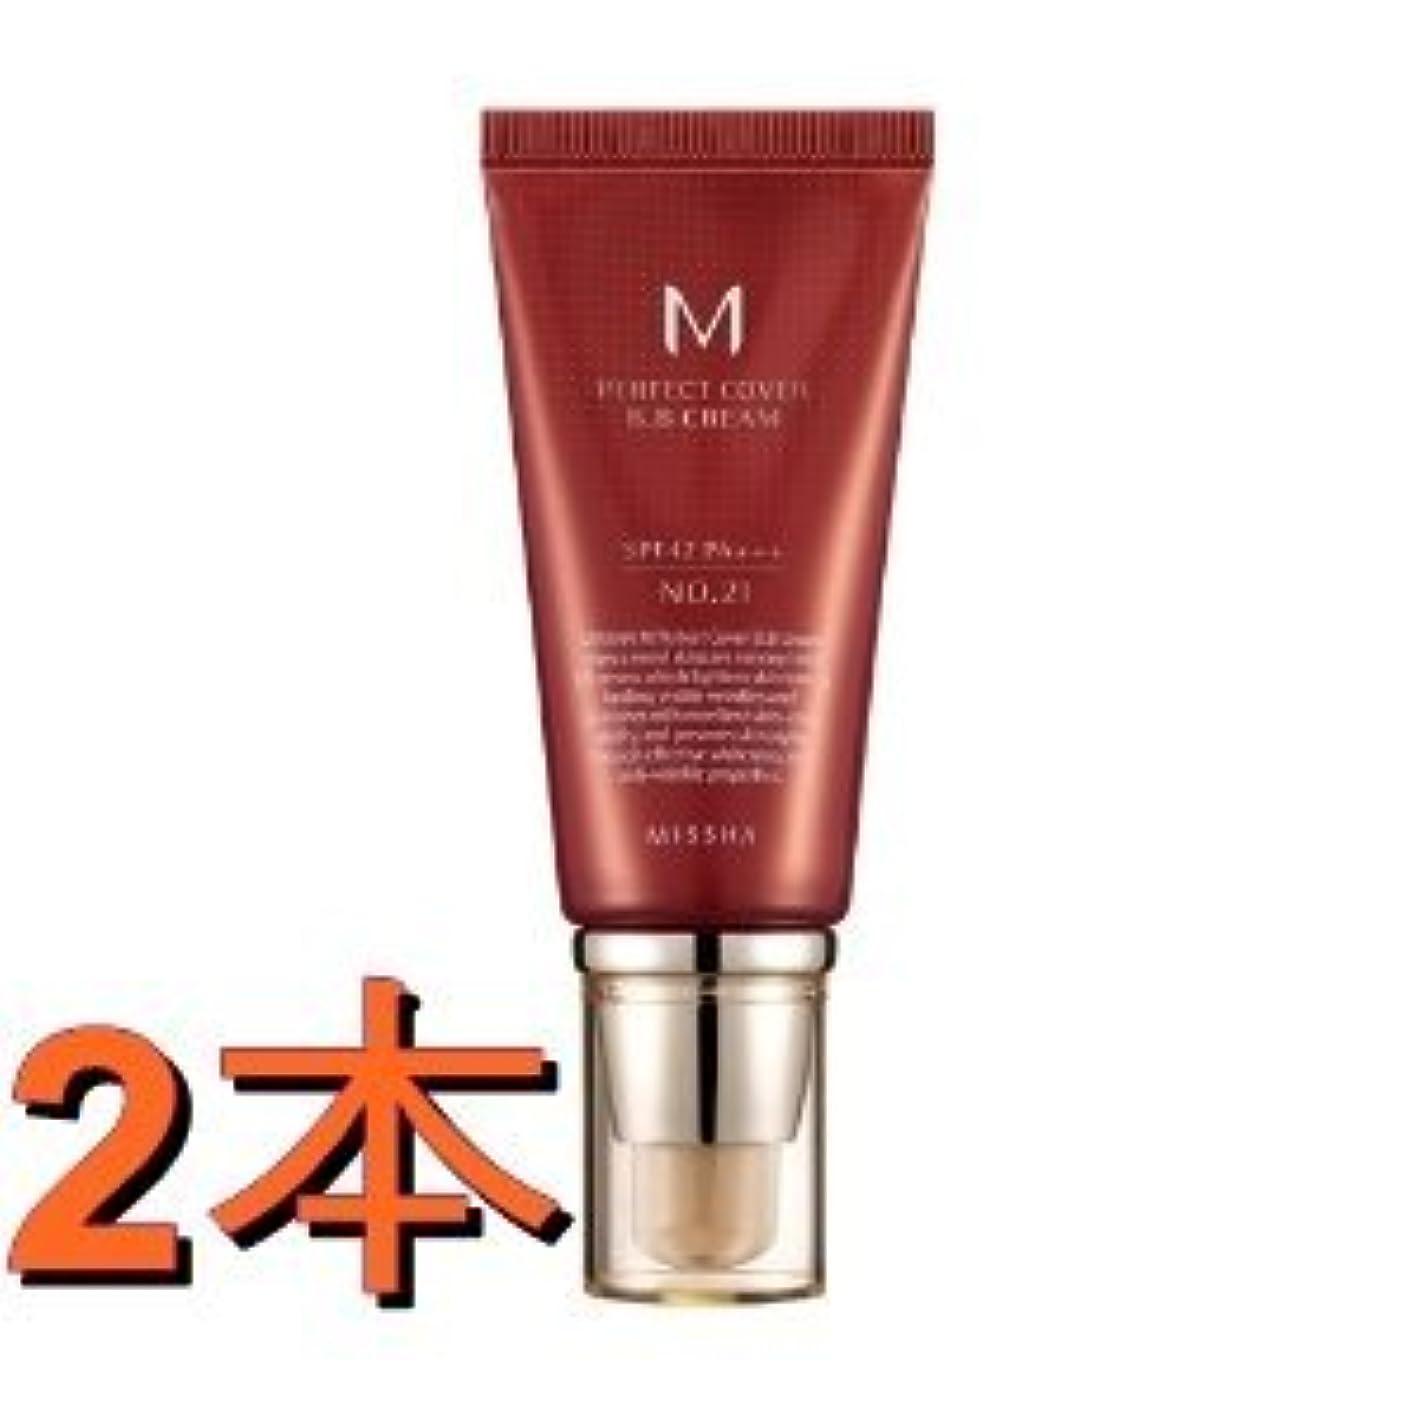 金属帰る不安定なミシャ(MISSHA) M パーフェクトカバー BB クリーム 2本セット NO.23 (ナチュラルでおちつきのある肌色) SPF42 PA++ 50ml[並行輸入品]